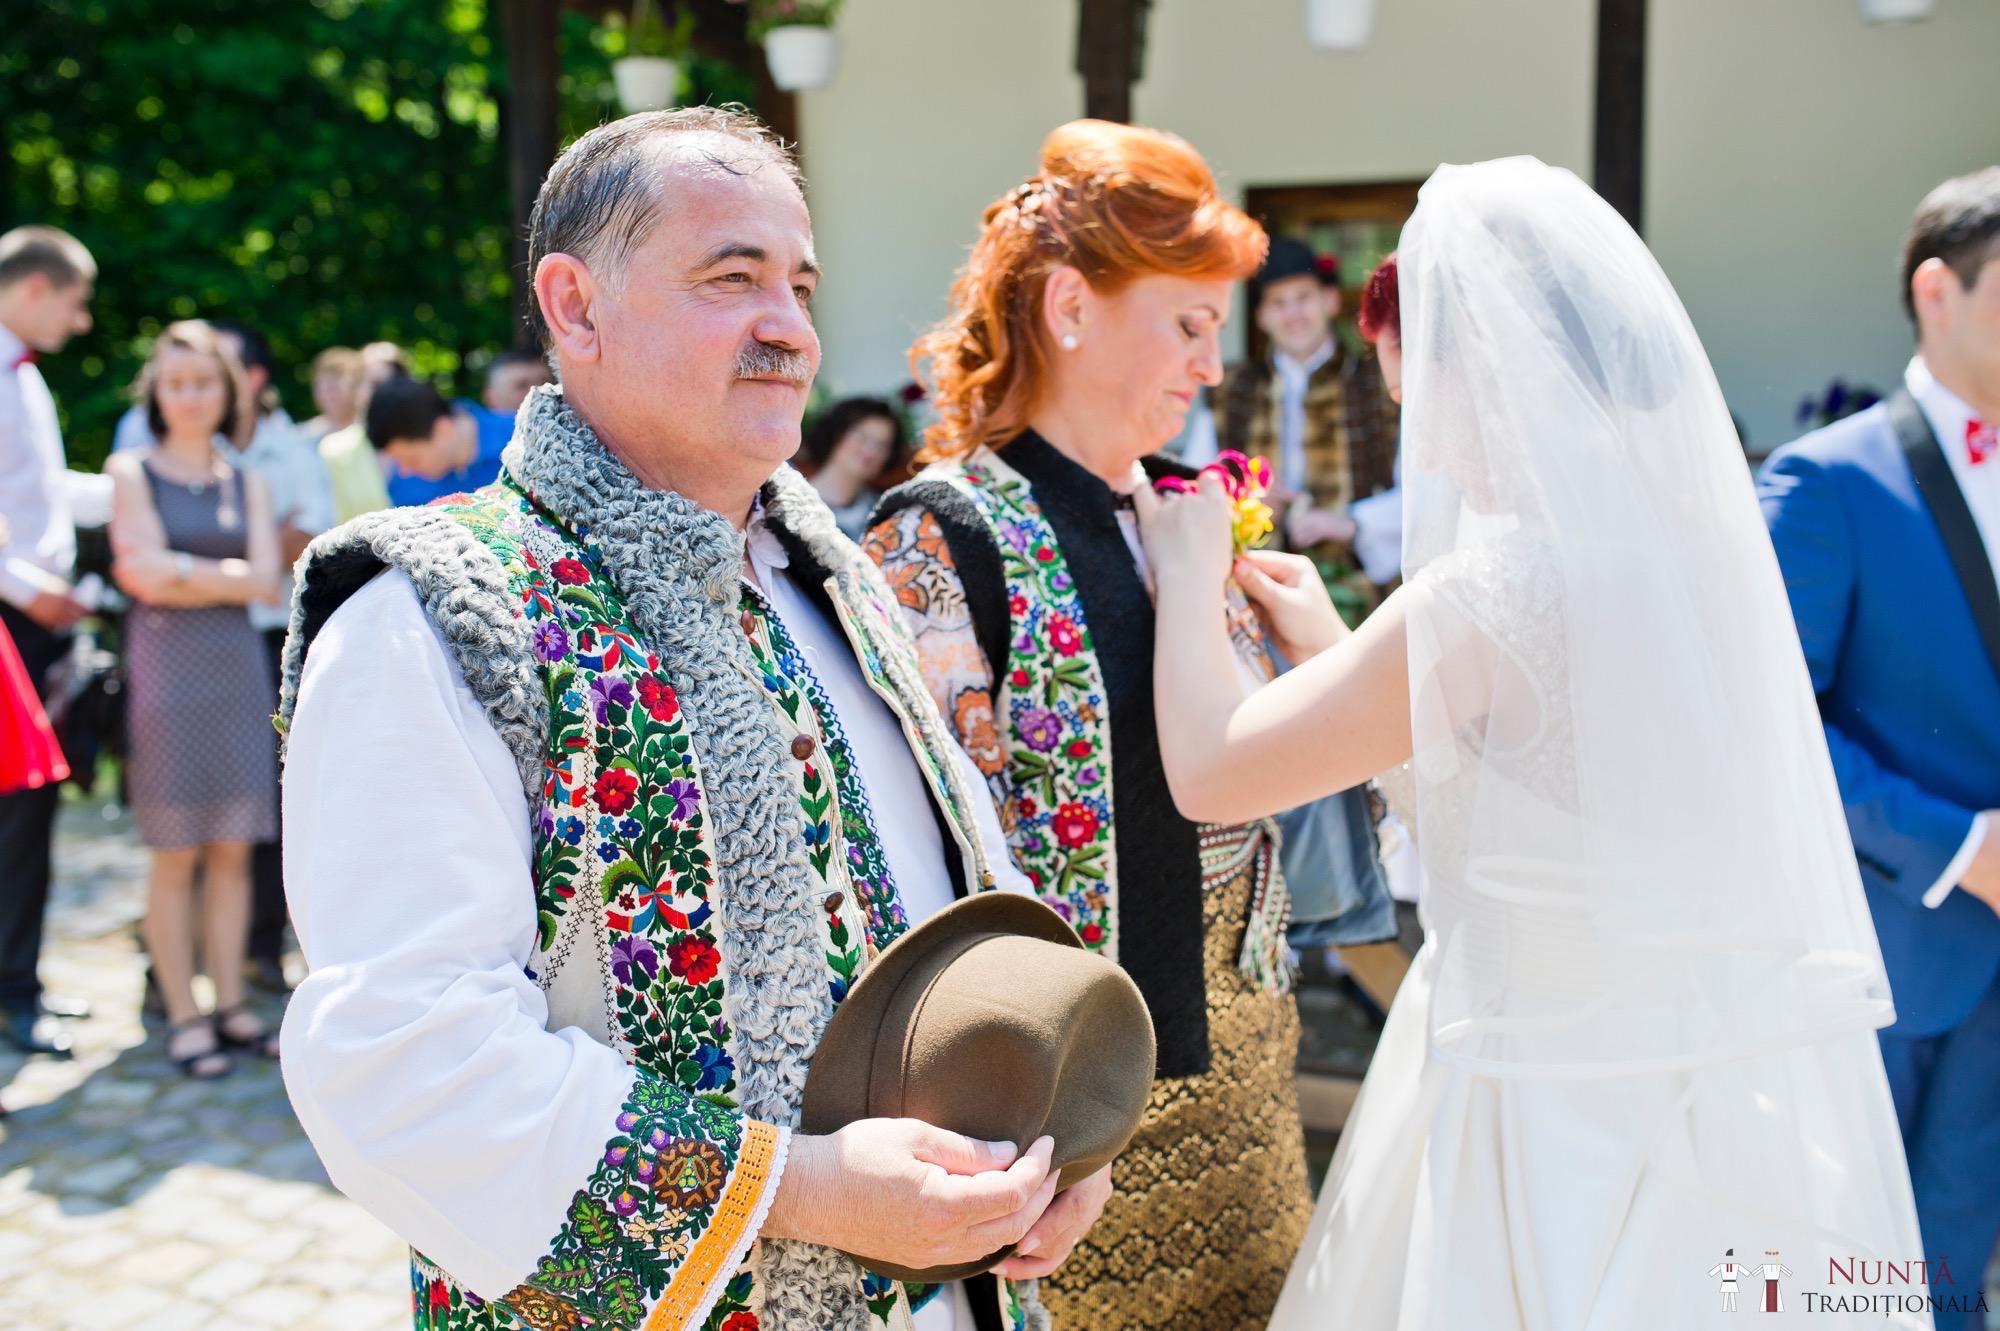 Povești Nunți Tradiționale - Gabriela și Mădălin - Nuntă Tradițională în Suceava, Bucovina 82